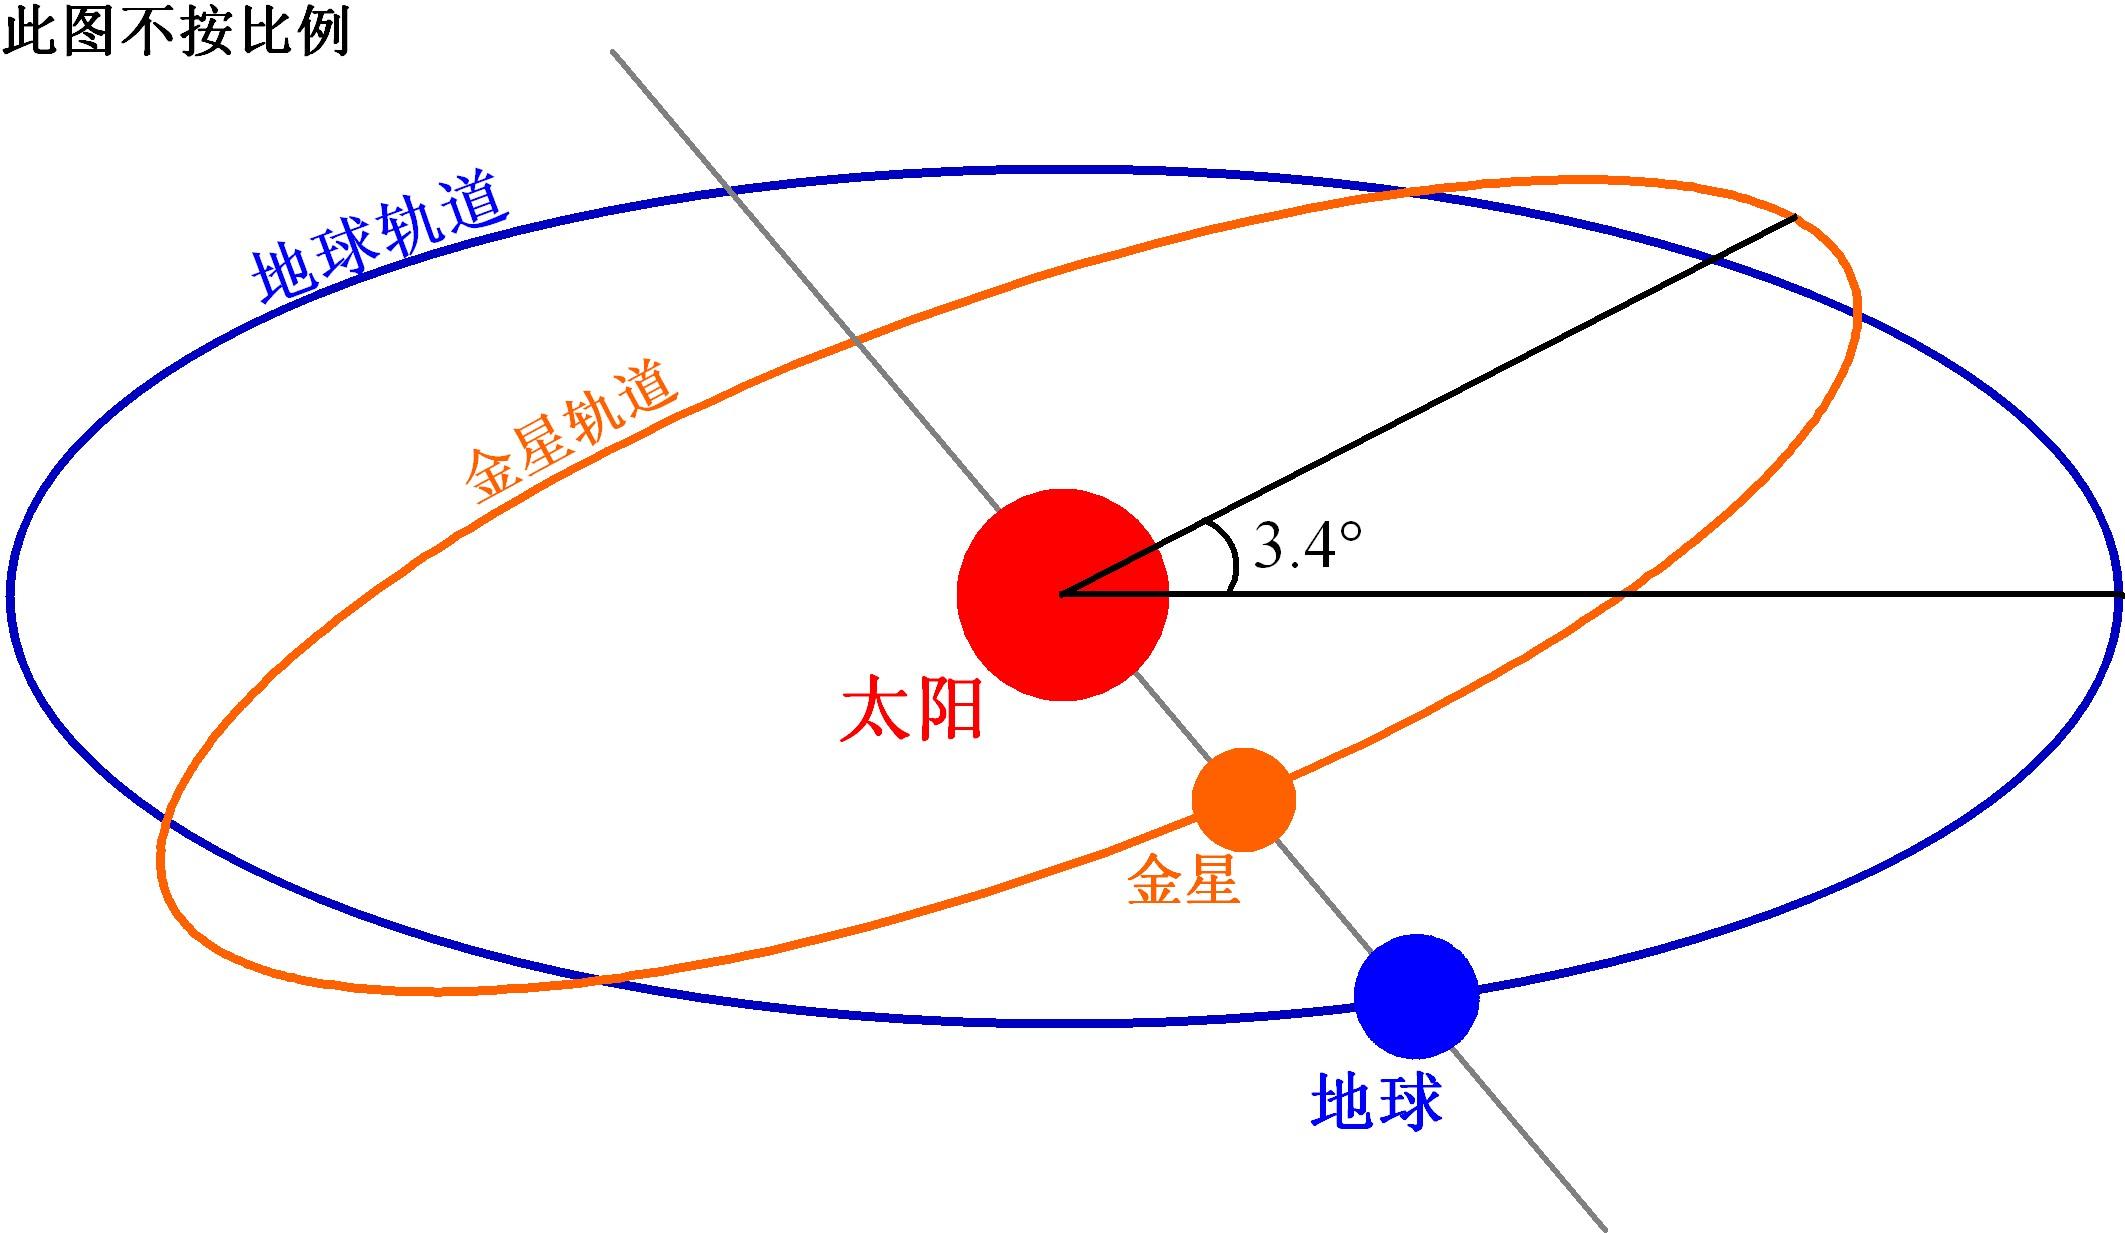 地球绕太阳转动画图